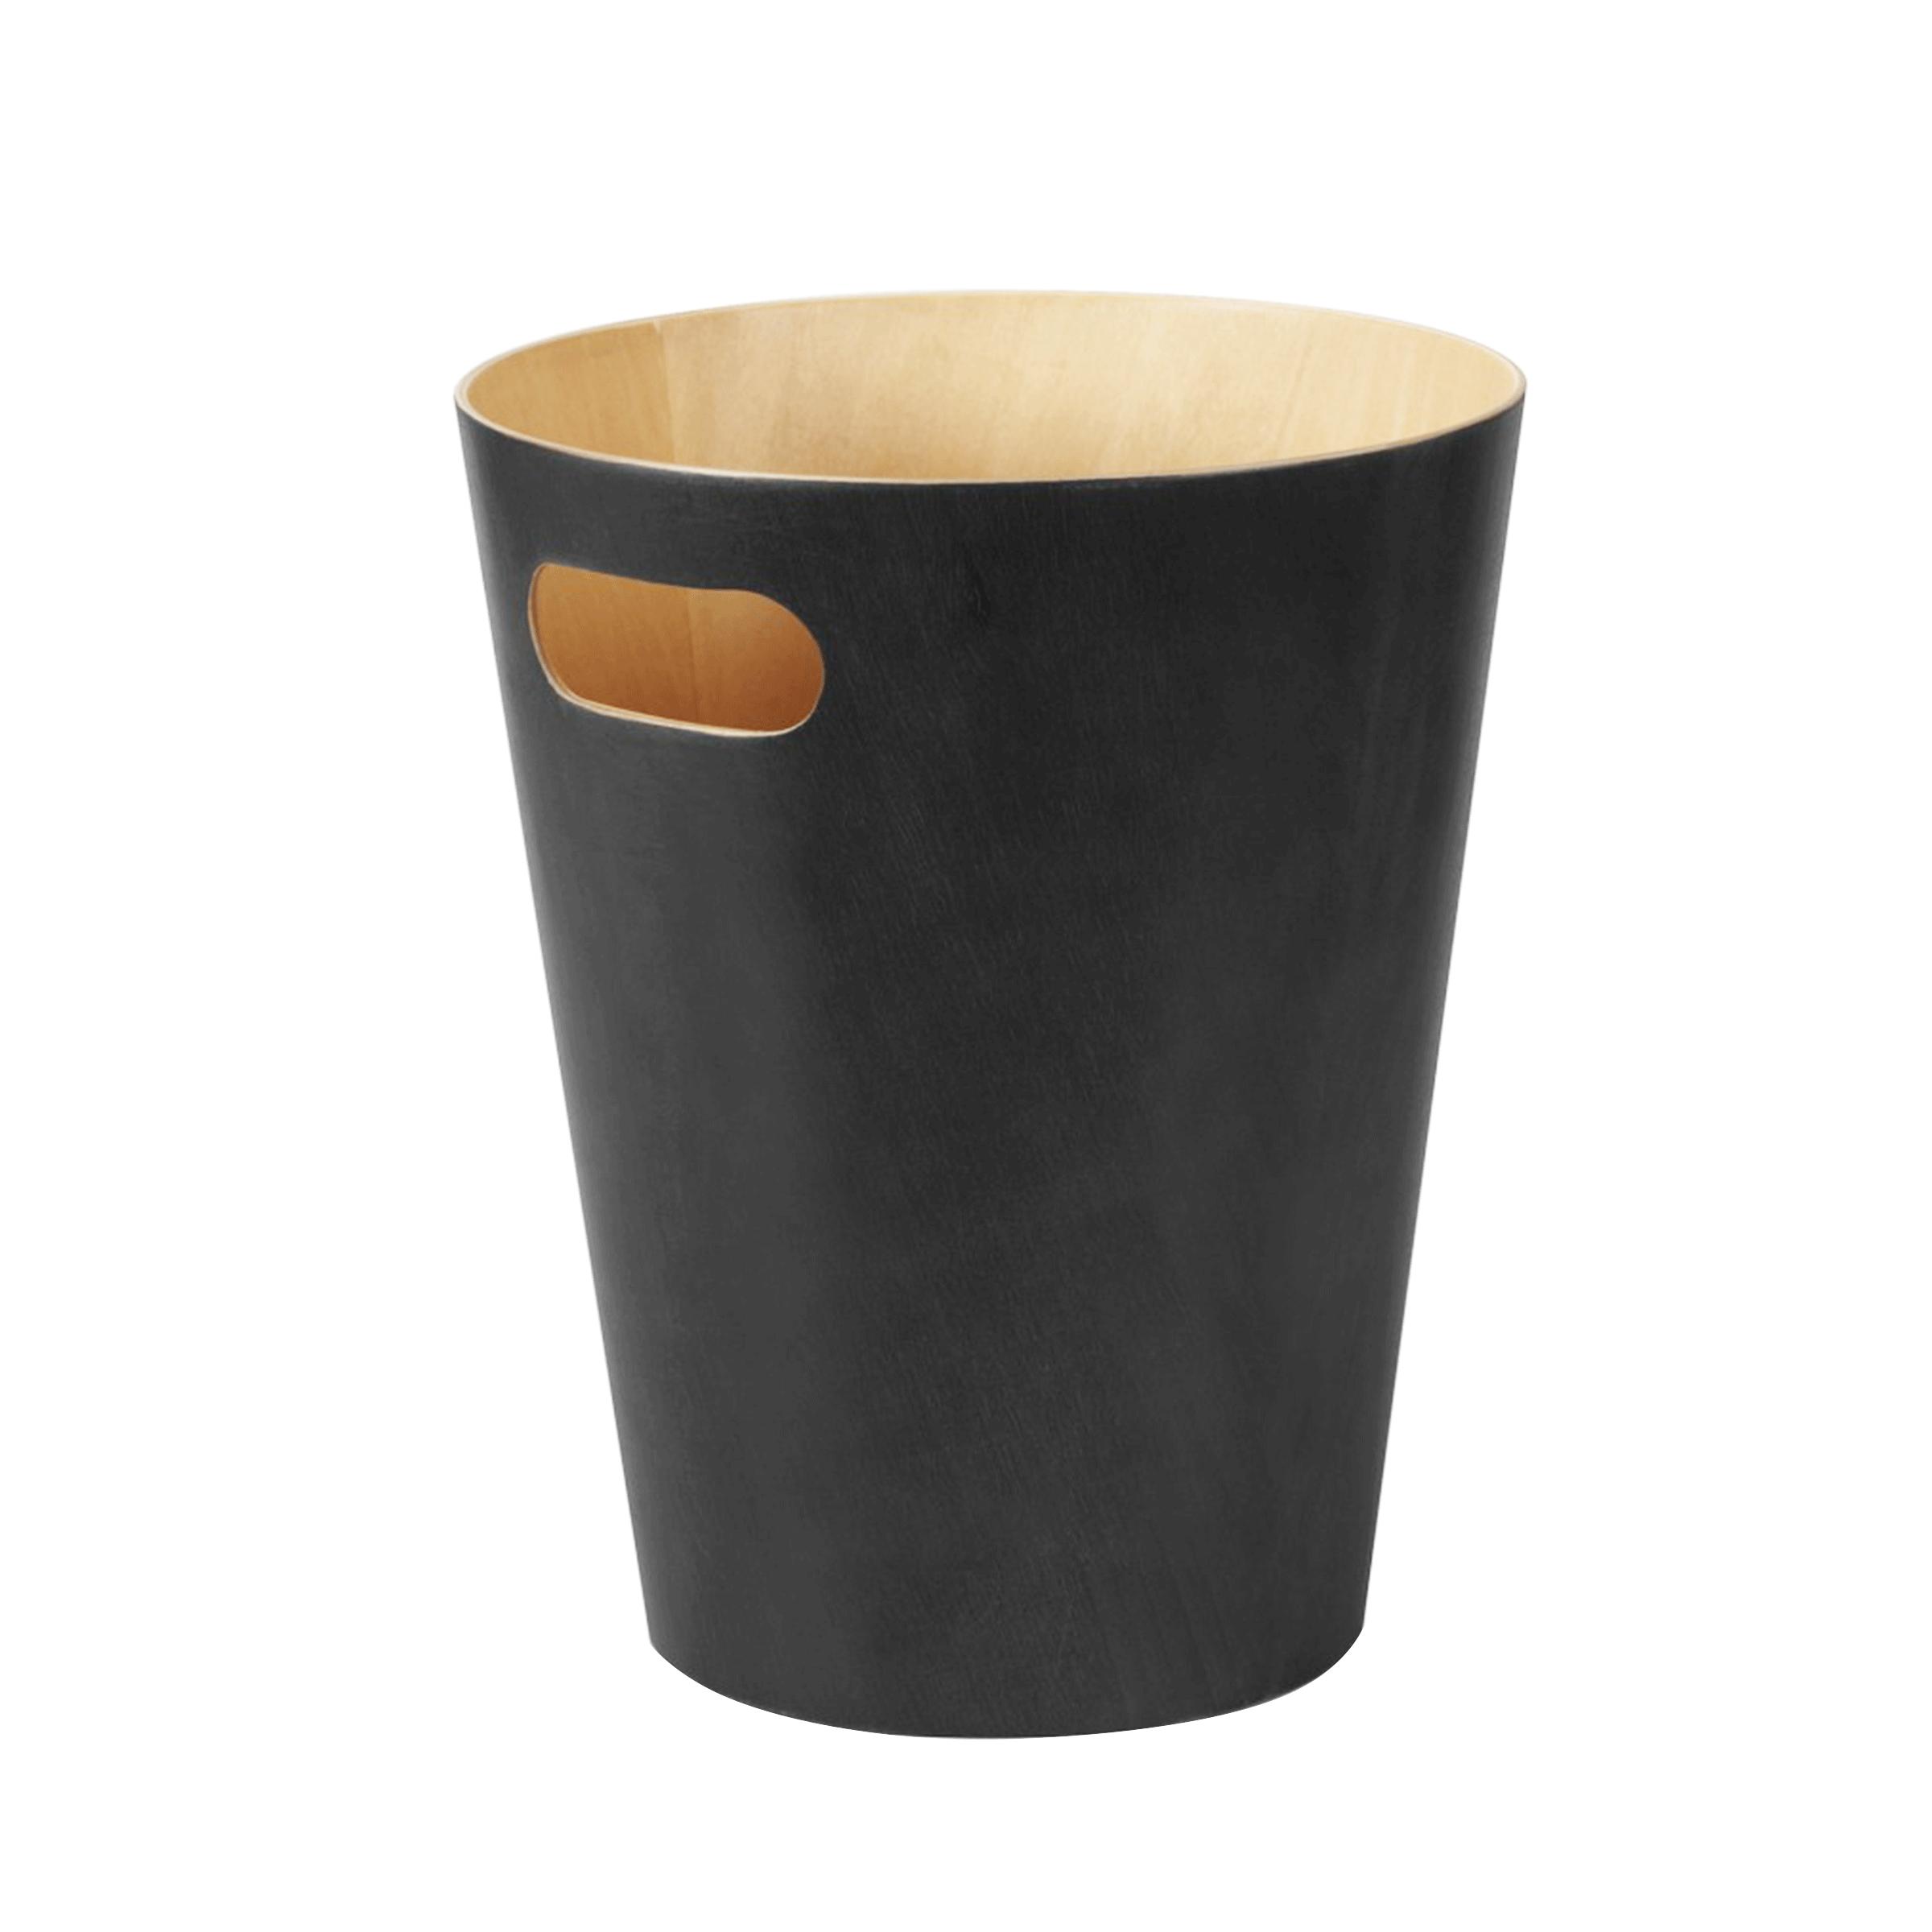 Corbeille à papier en bois naturel à l'intérieur et noir à l'extérieur